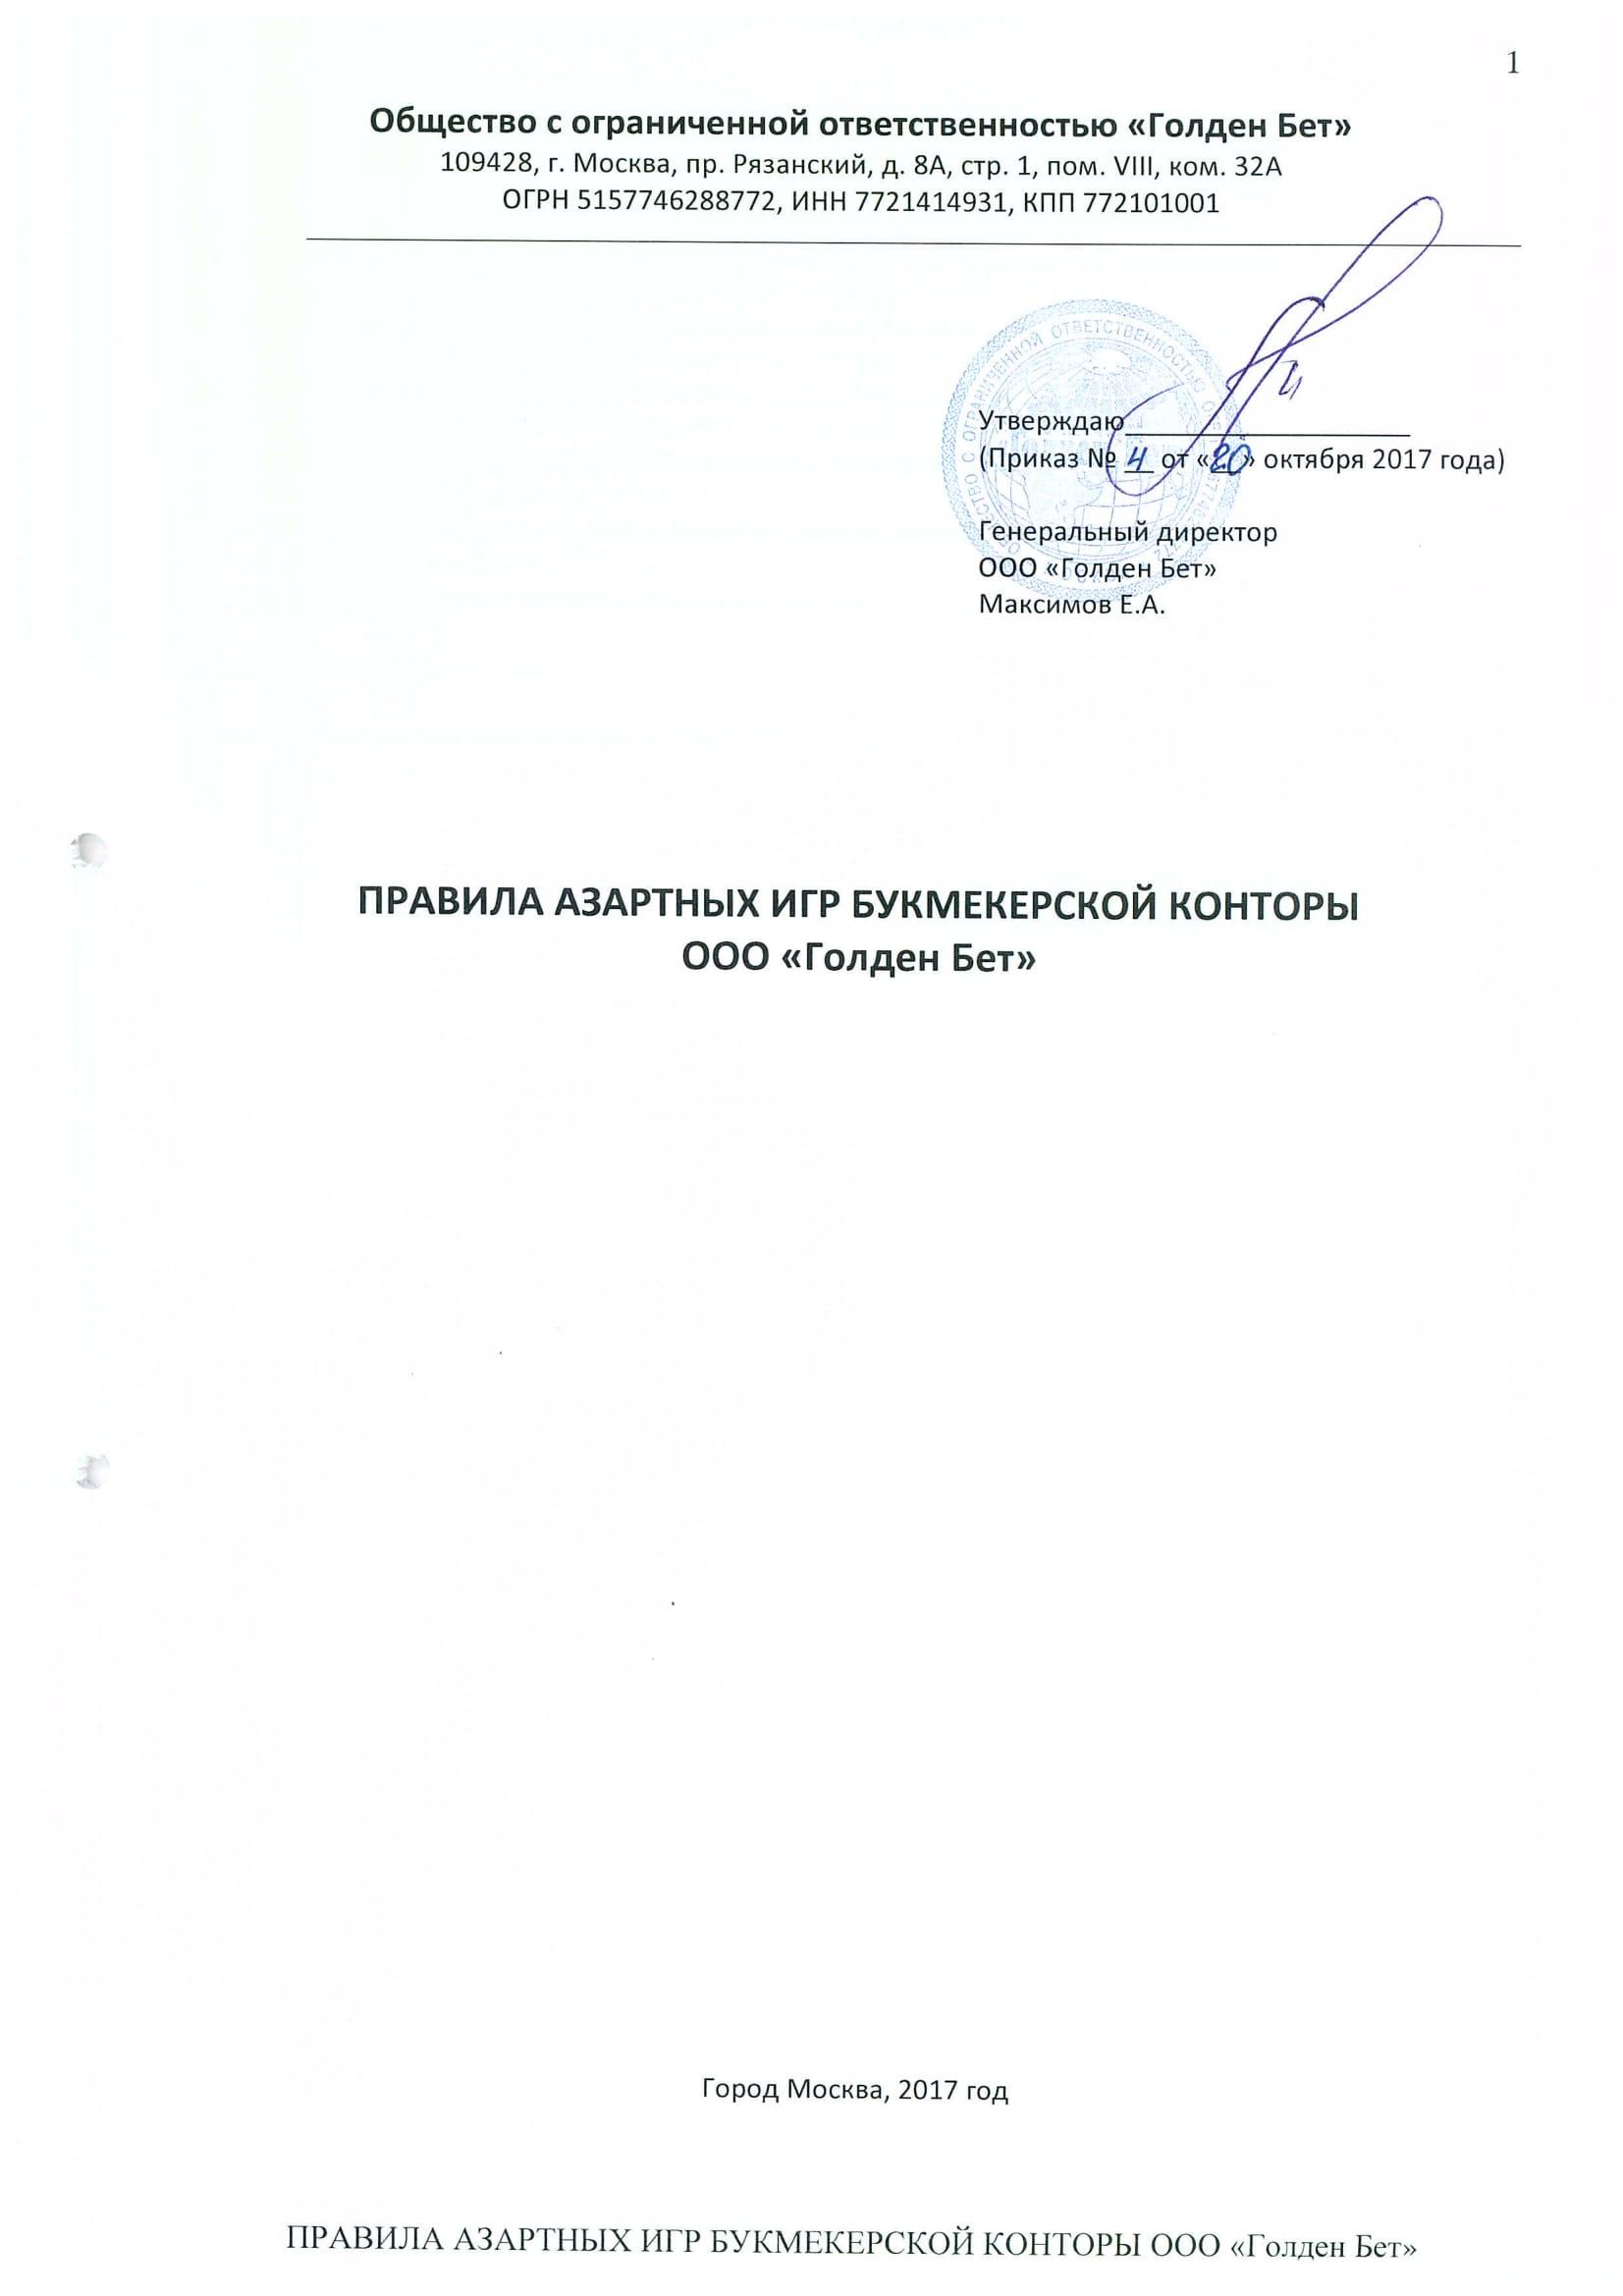 """Правила азартных игр букмекерской конторы ООО """""""